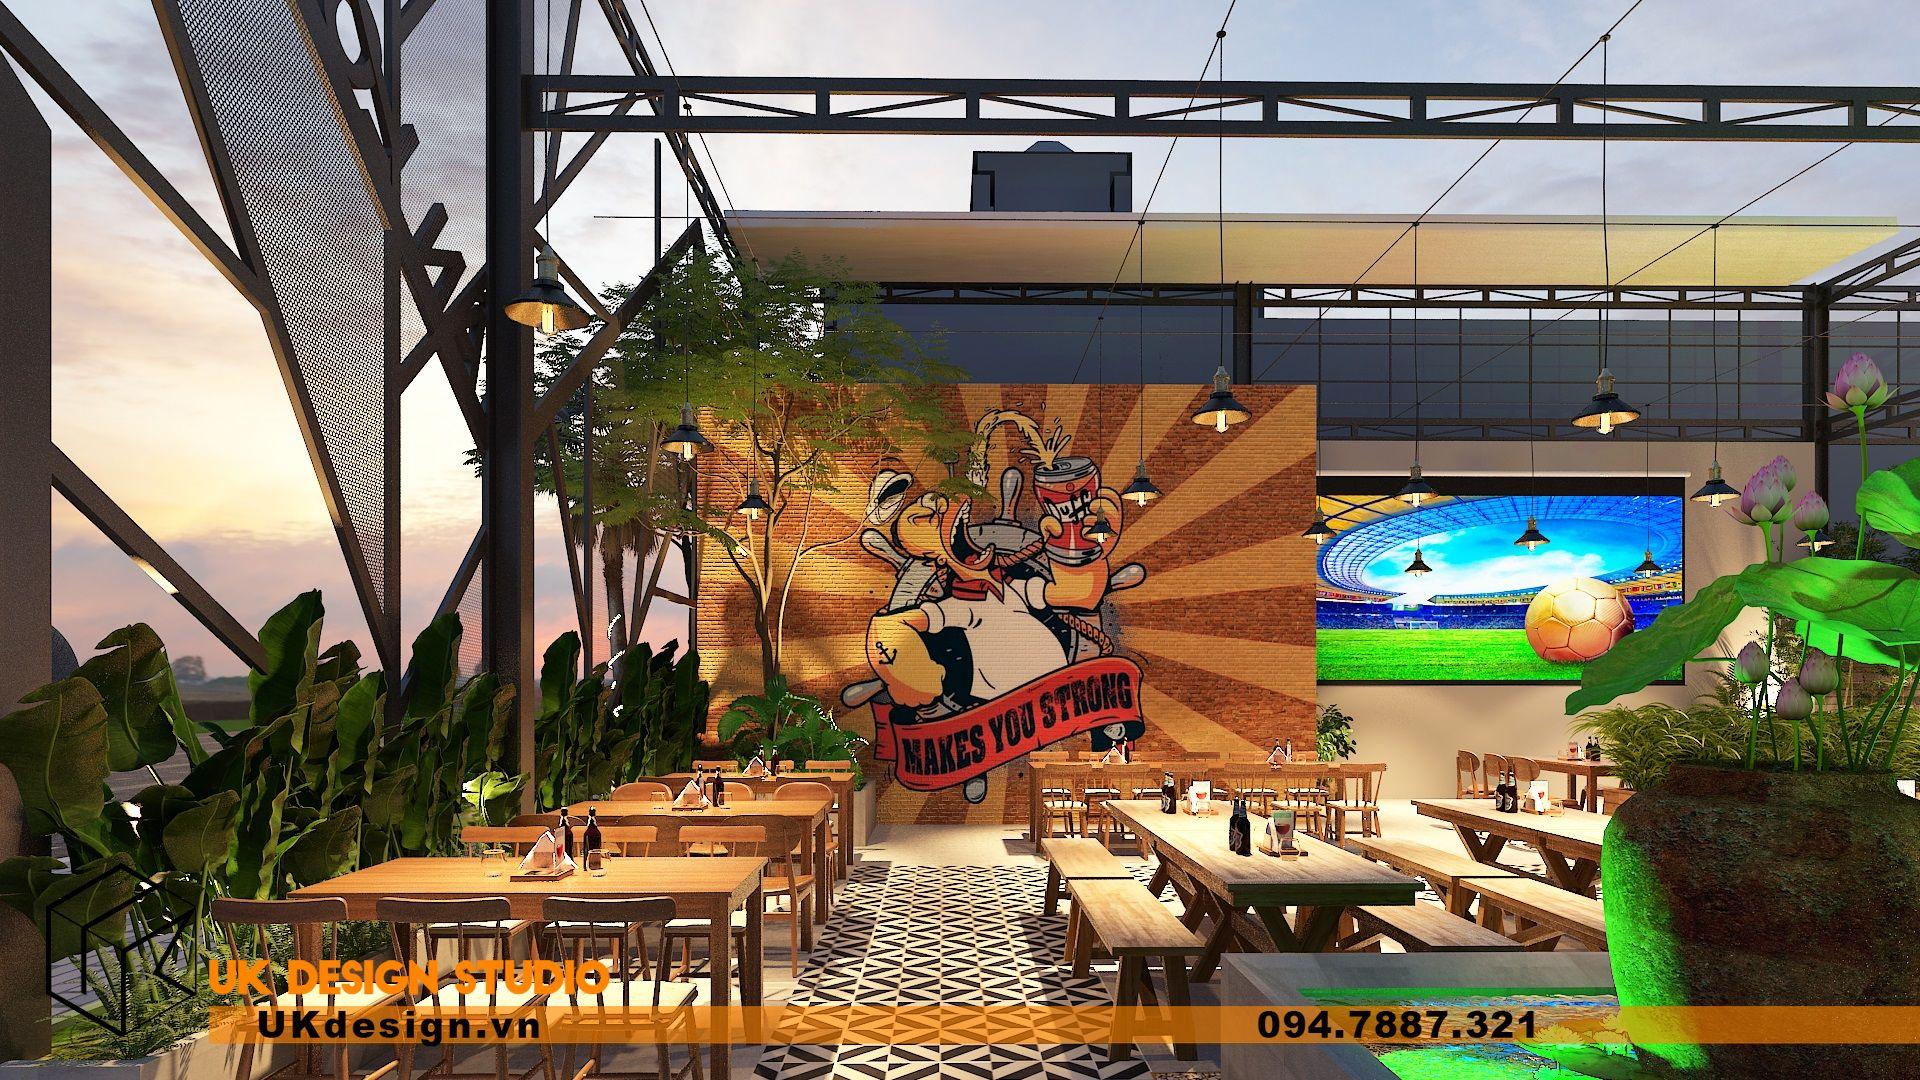 Thiết kế Beer Garden TÂN LONG HƯNG ở Vũng Tàu 5